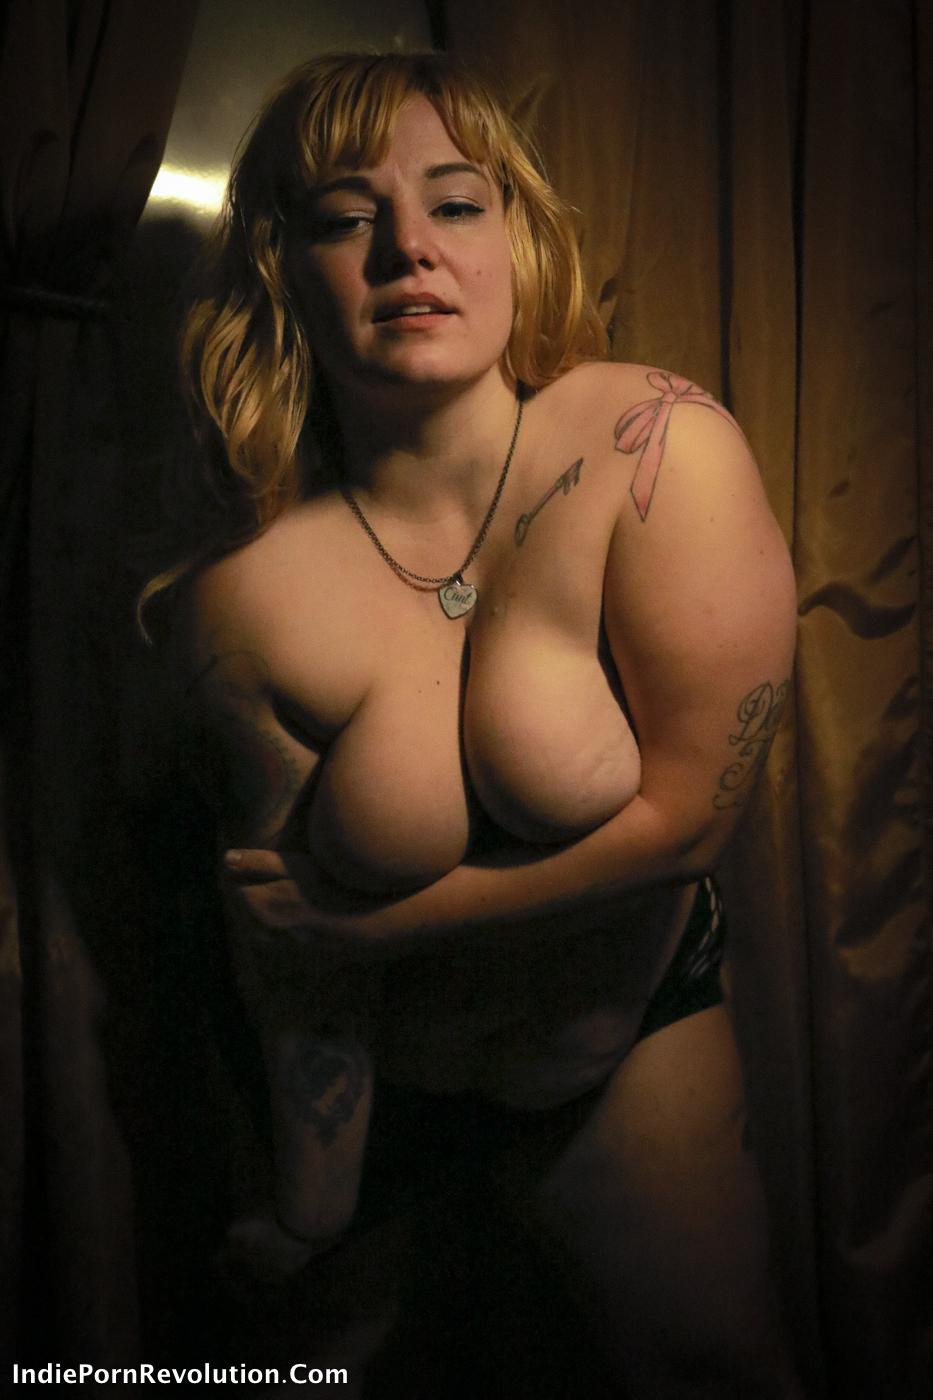 Indie porn blog